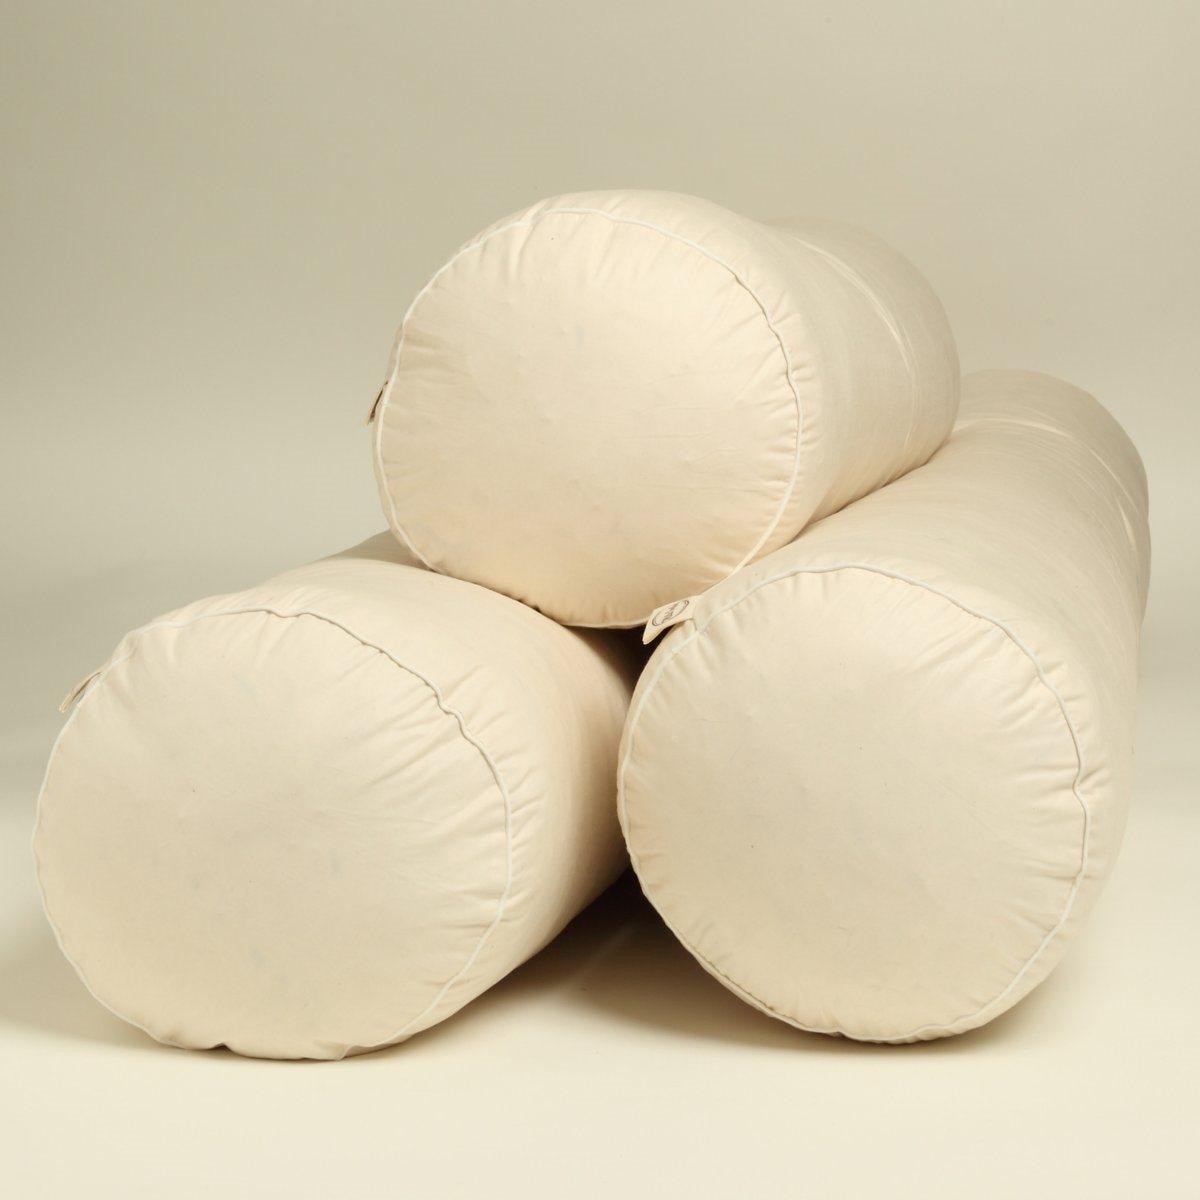 Валик MILLE OREILLERSВалик . Природа на службе нашего благополучия !  Созданный из биохлопка валик производится на севере Франции . Комфорт : - Валик с очень качественной набивкой, обладает прекрасной поддержкой и мягкостью, не проминается  . - можно использовать отдельно или под подушкой   . Наполнитель :   - 85% гусиного пера, 15% белого гусиного пуха, стиранного и стерилизованного паром, без химической обработки, при этом используется только лучшее белое перо европейских гусей    . Чехол :  - Перкаль 100% биохлопка  . - Застёжка на молнию. - Машинная стирка при 30°C    .Размер :- Диаметр 23 см .<br><br>Цвет: экрю<br>Размер: 90 см